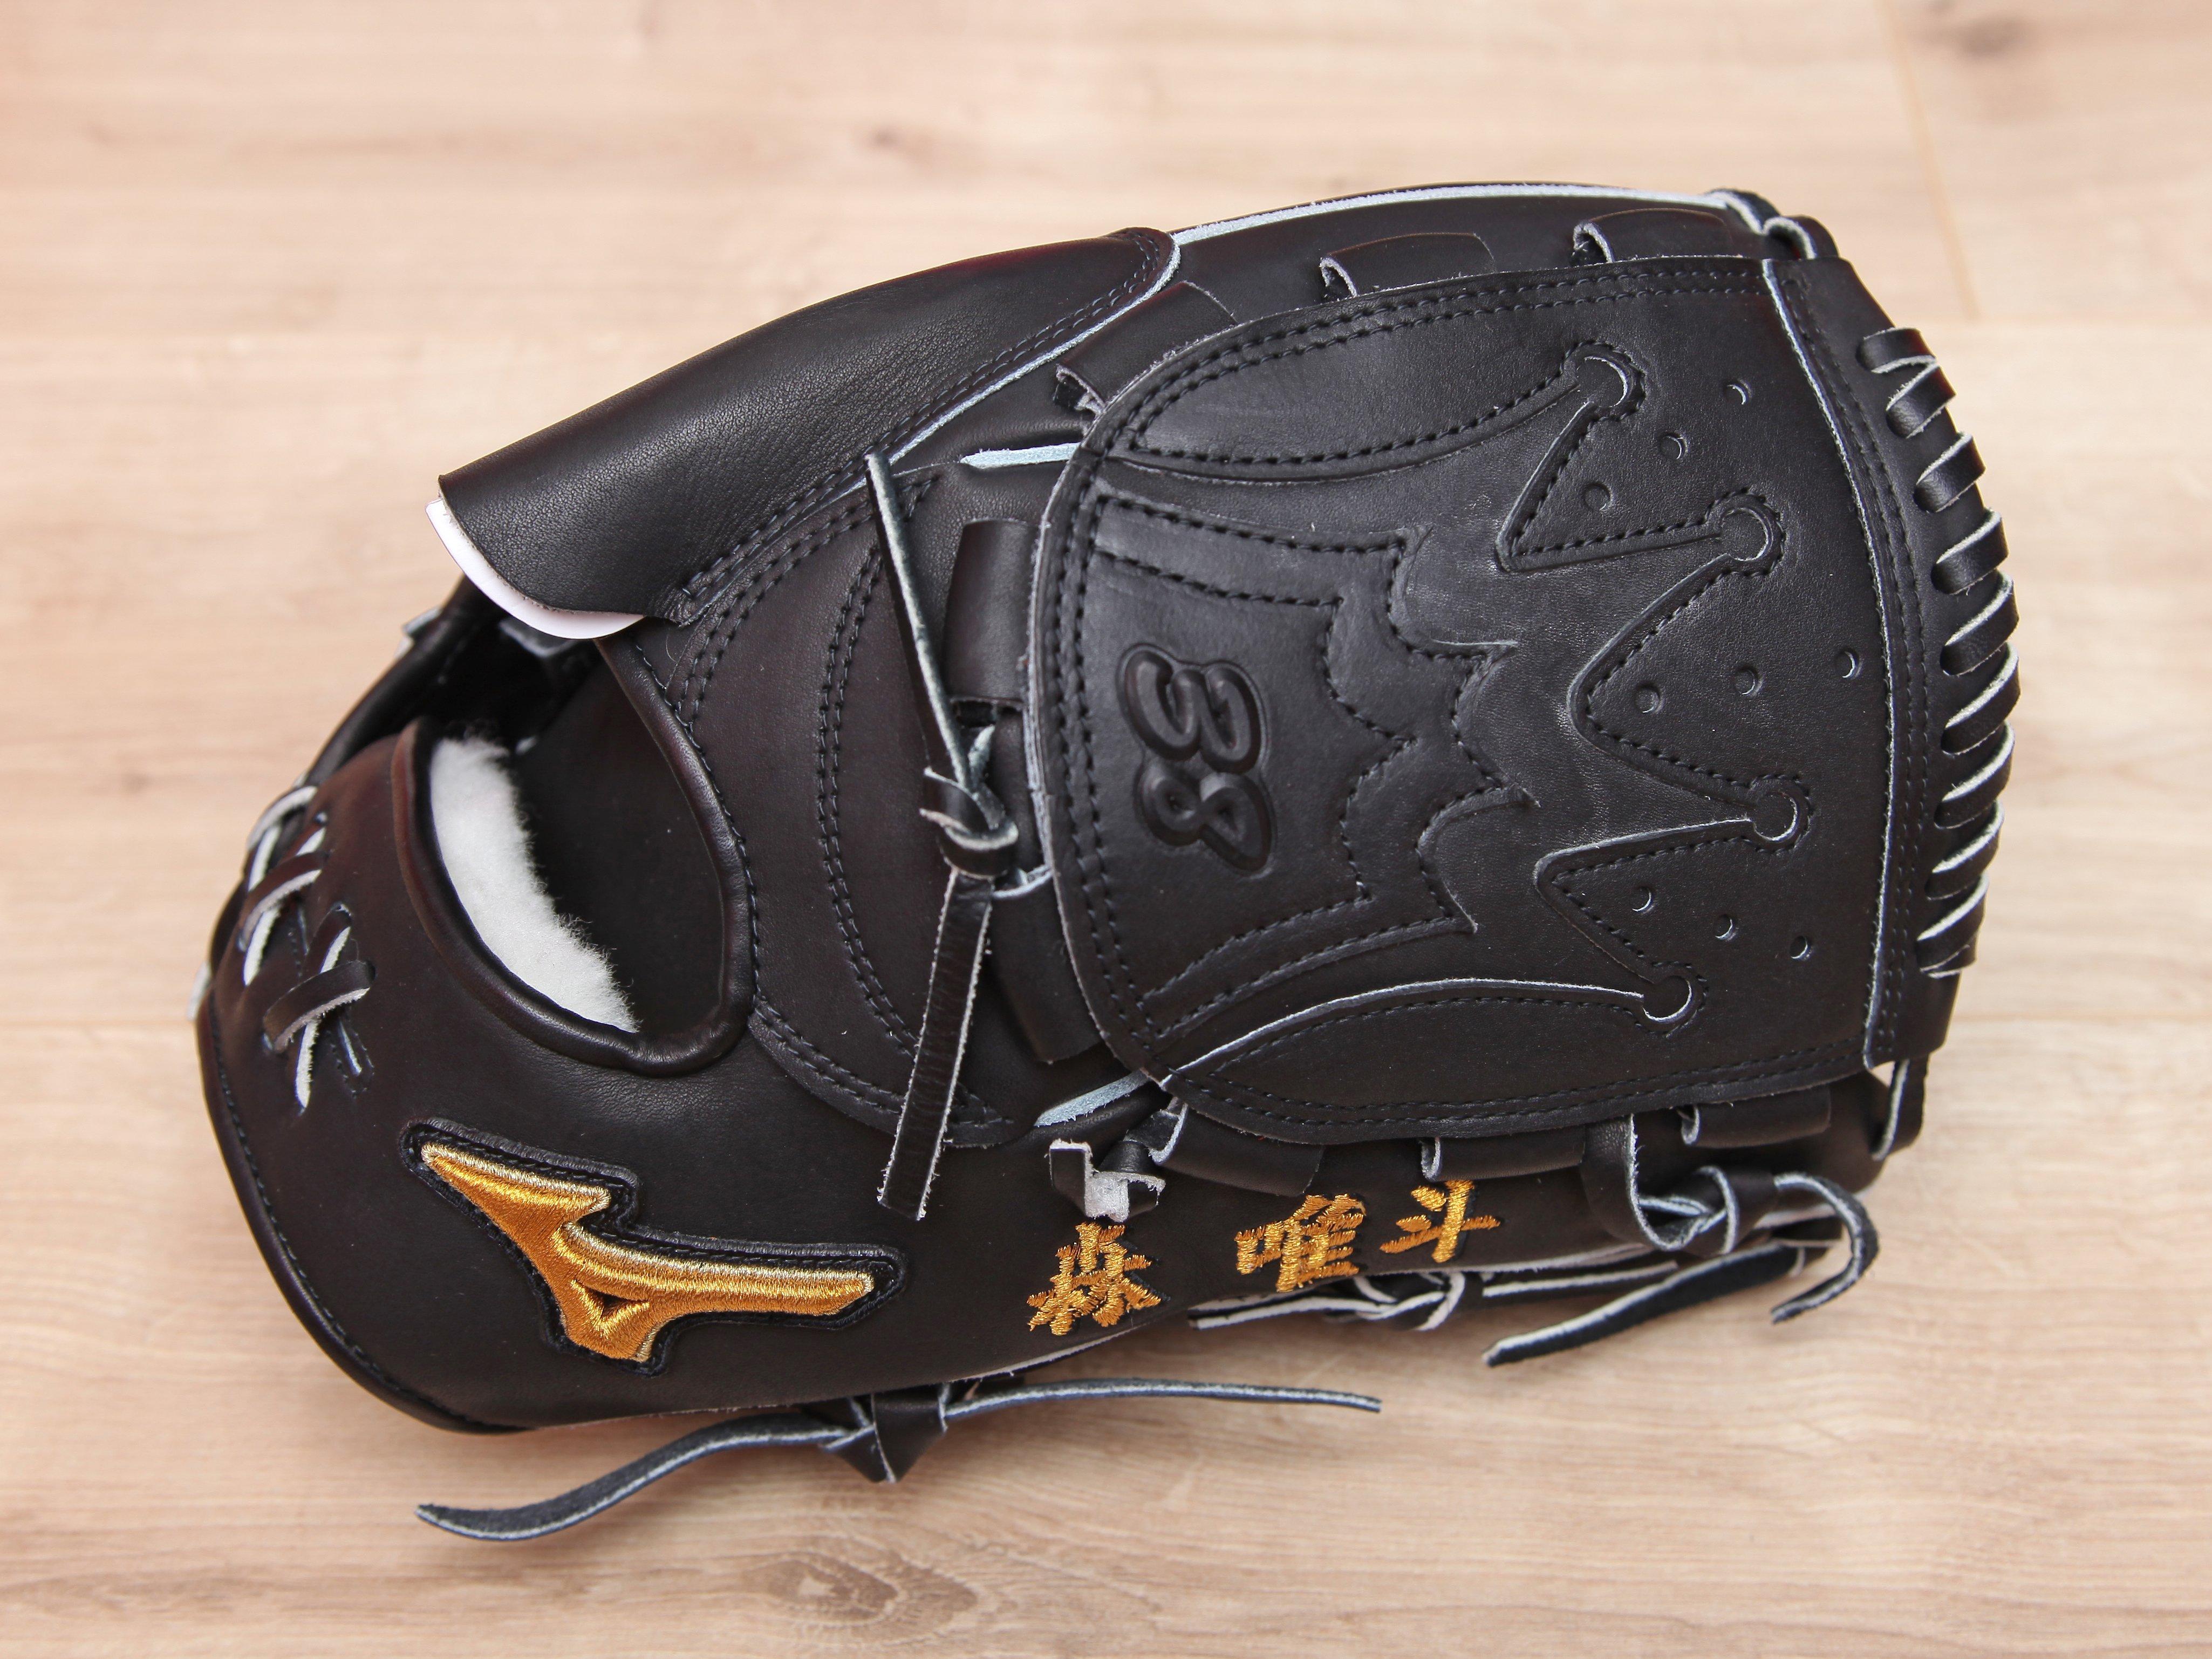 日本製 美津濃 MIZUNO PRO FOR P 福岡軟體銀行鷹隊 森唯斗 2017 實戰支給 硬式 投手 棒球 手套